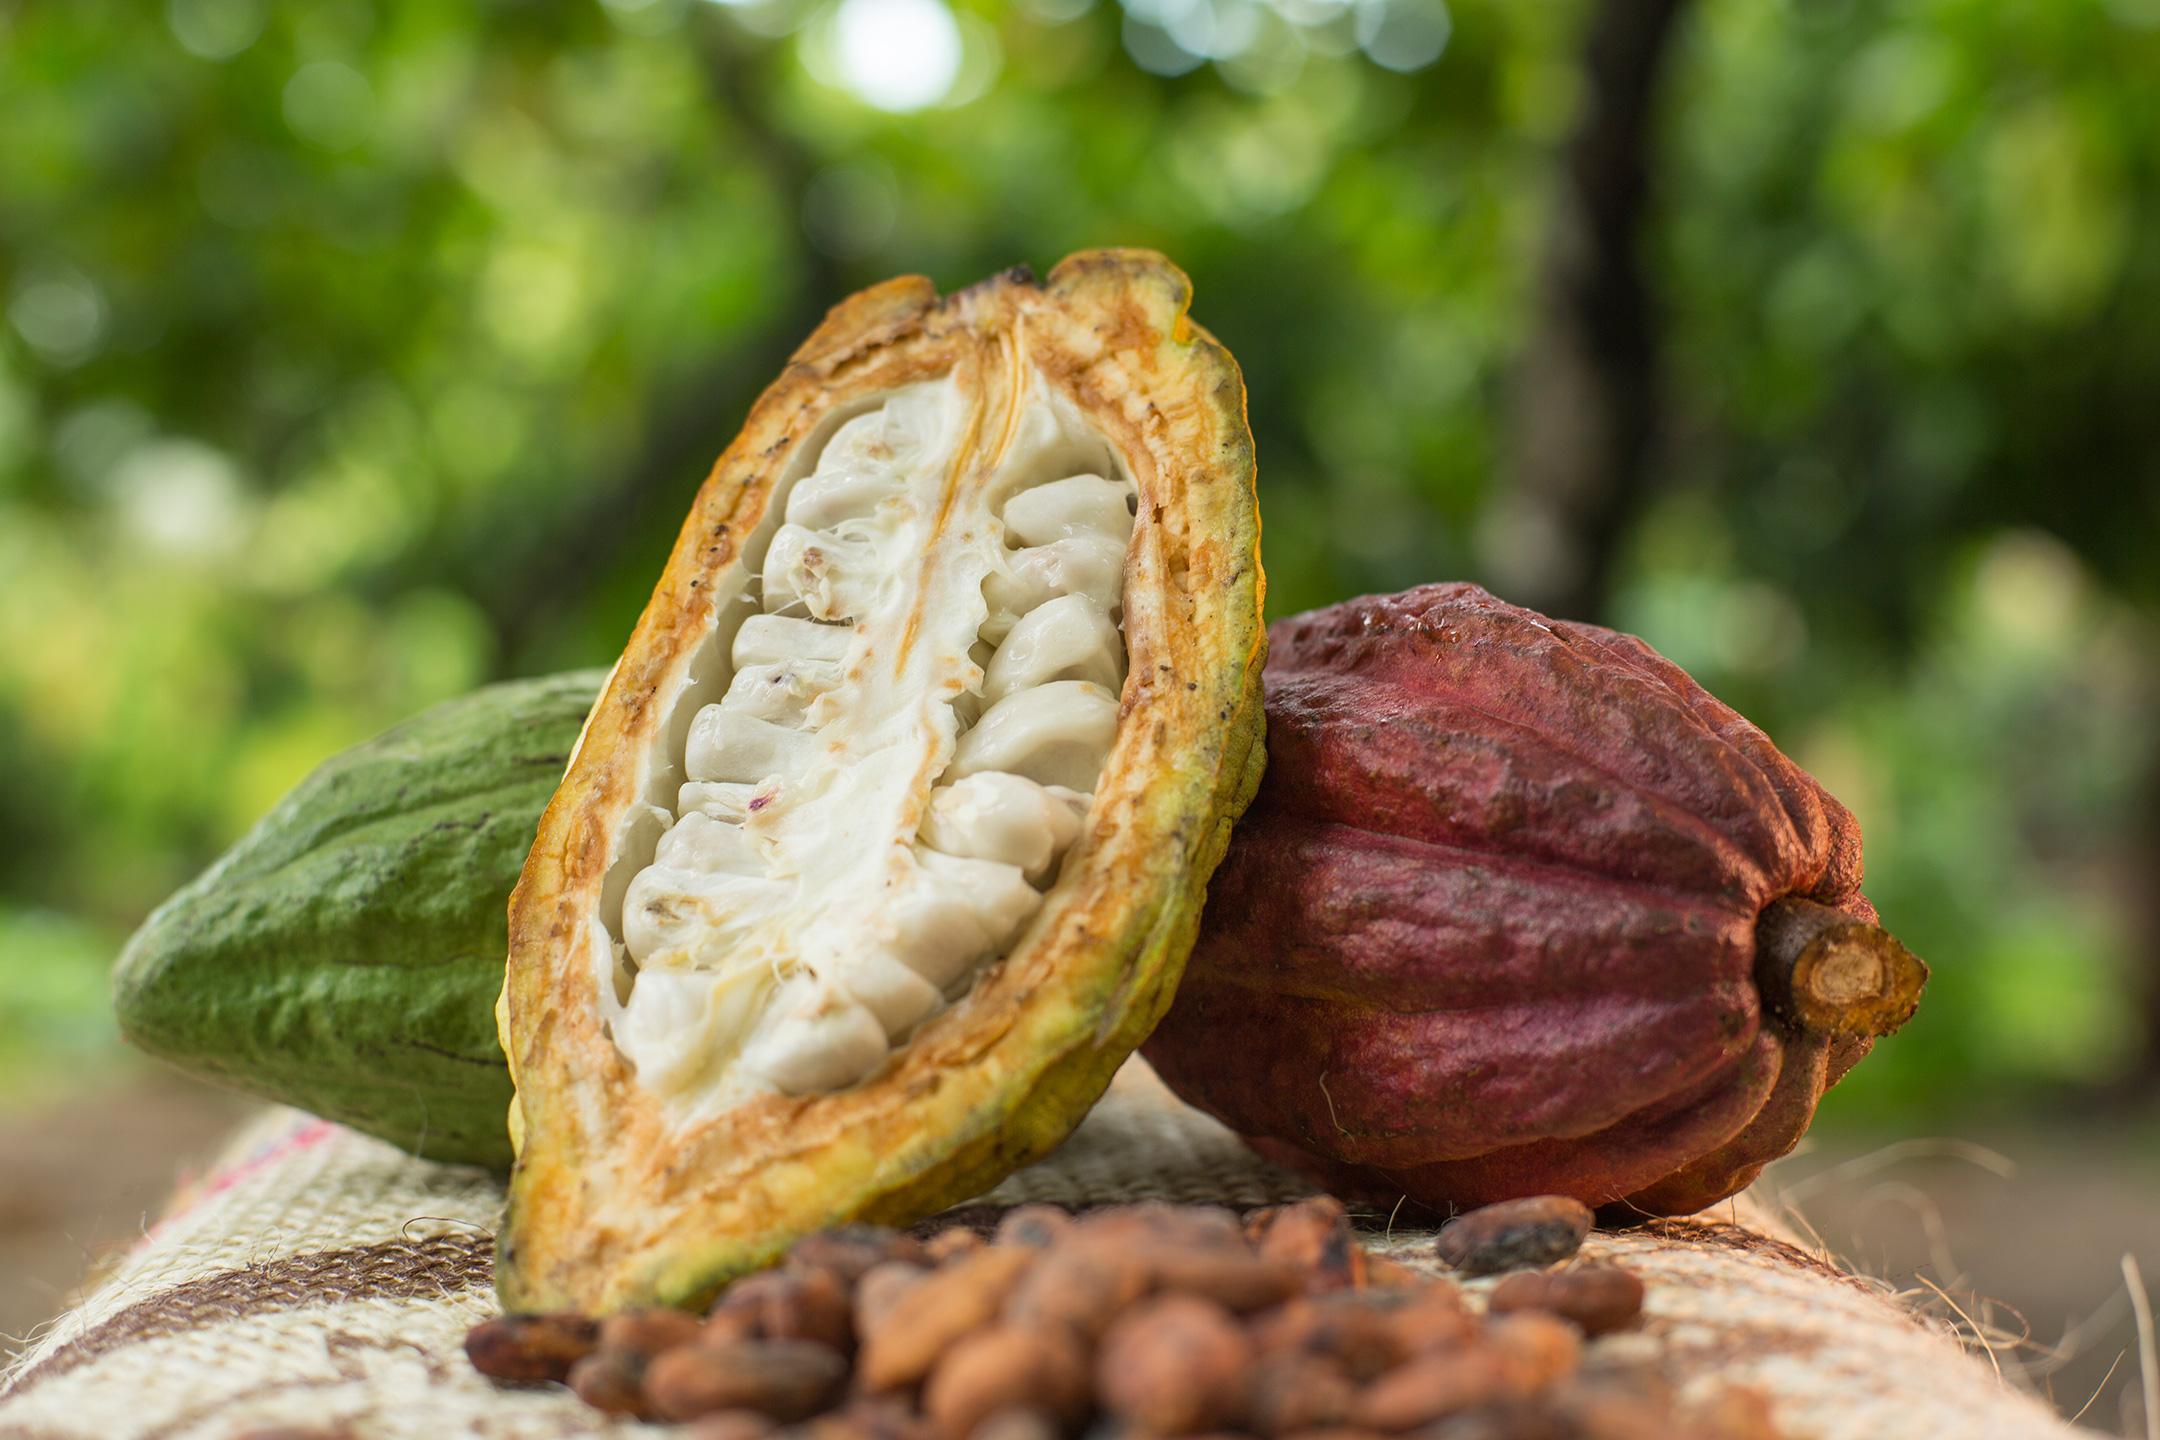 کاکائو چیست و از کجا می آید